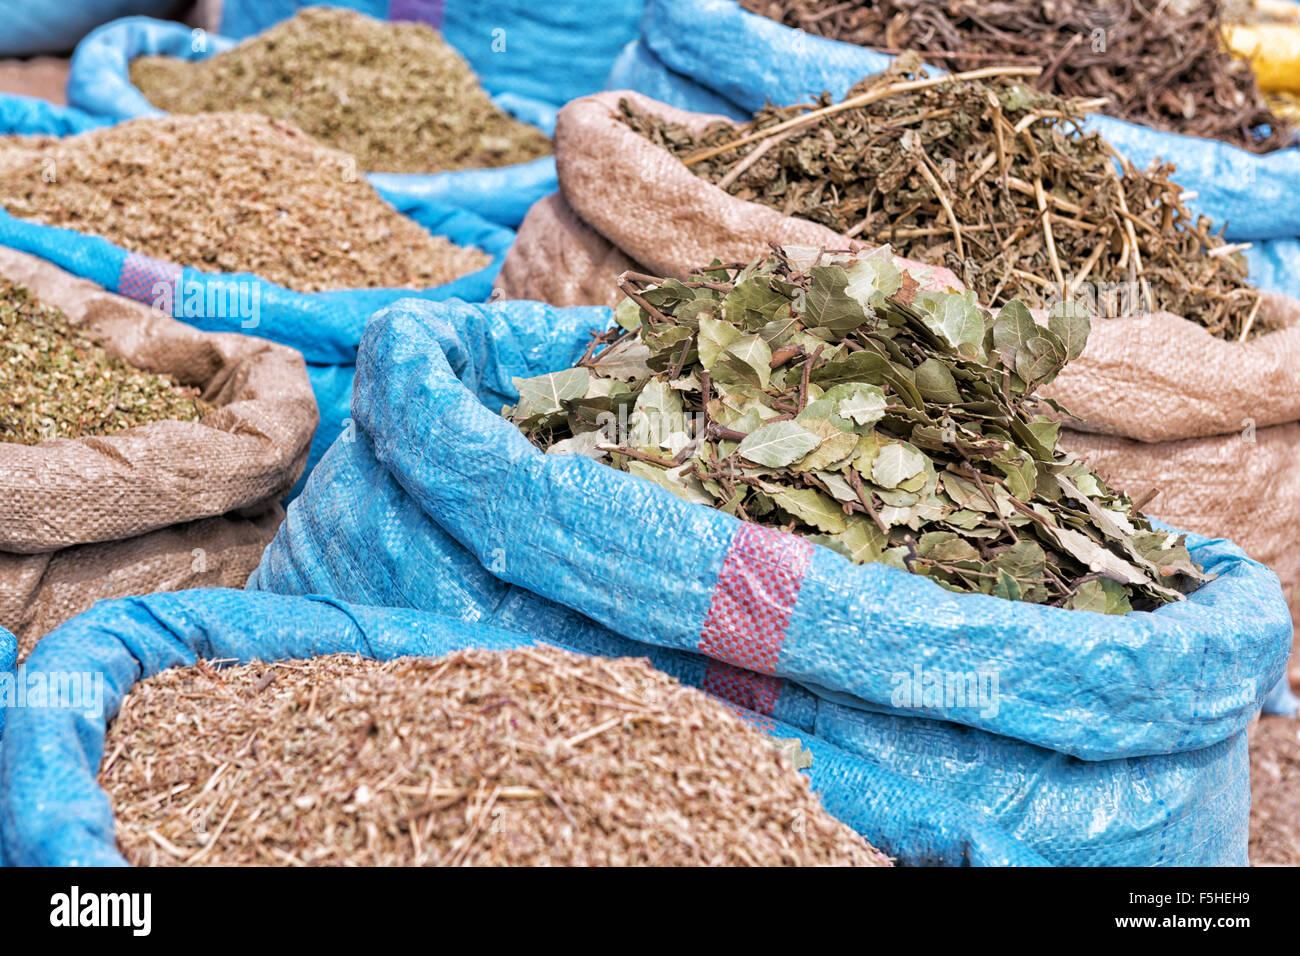 Hierbas y especias en el mercado. Imagen De Stock